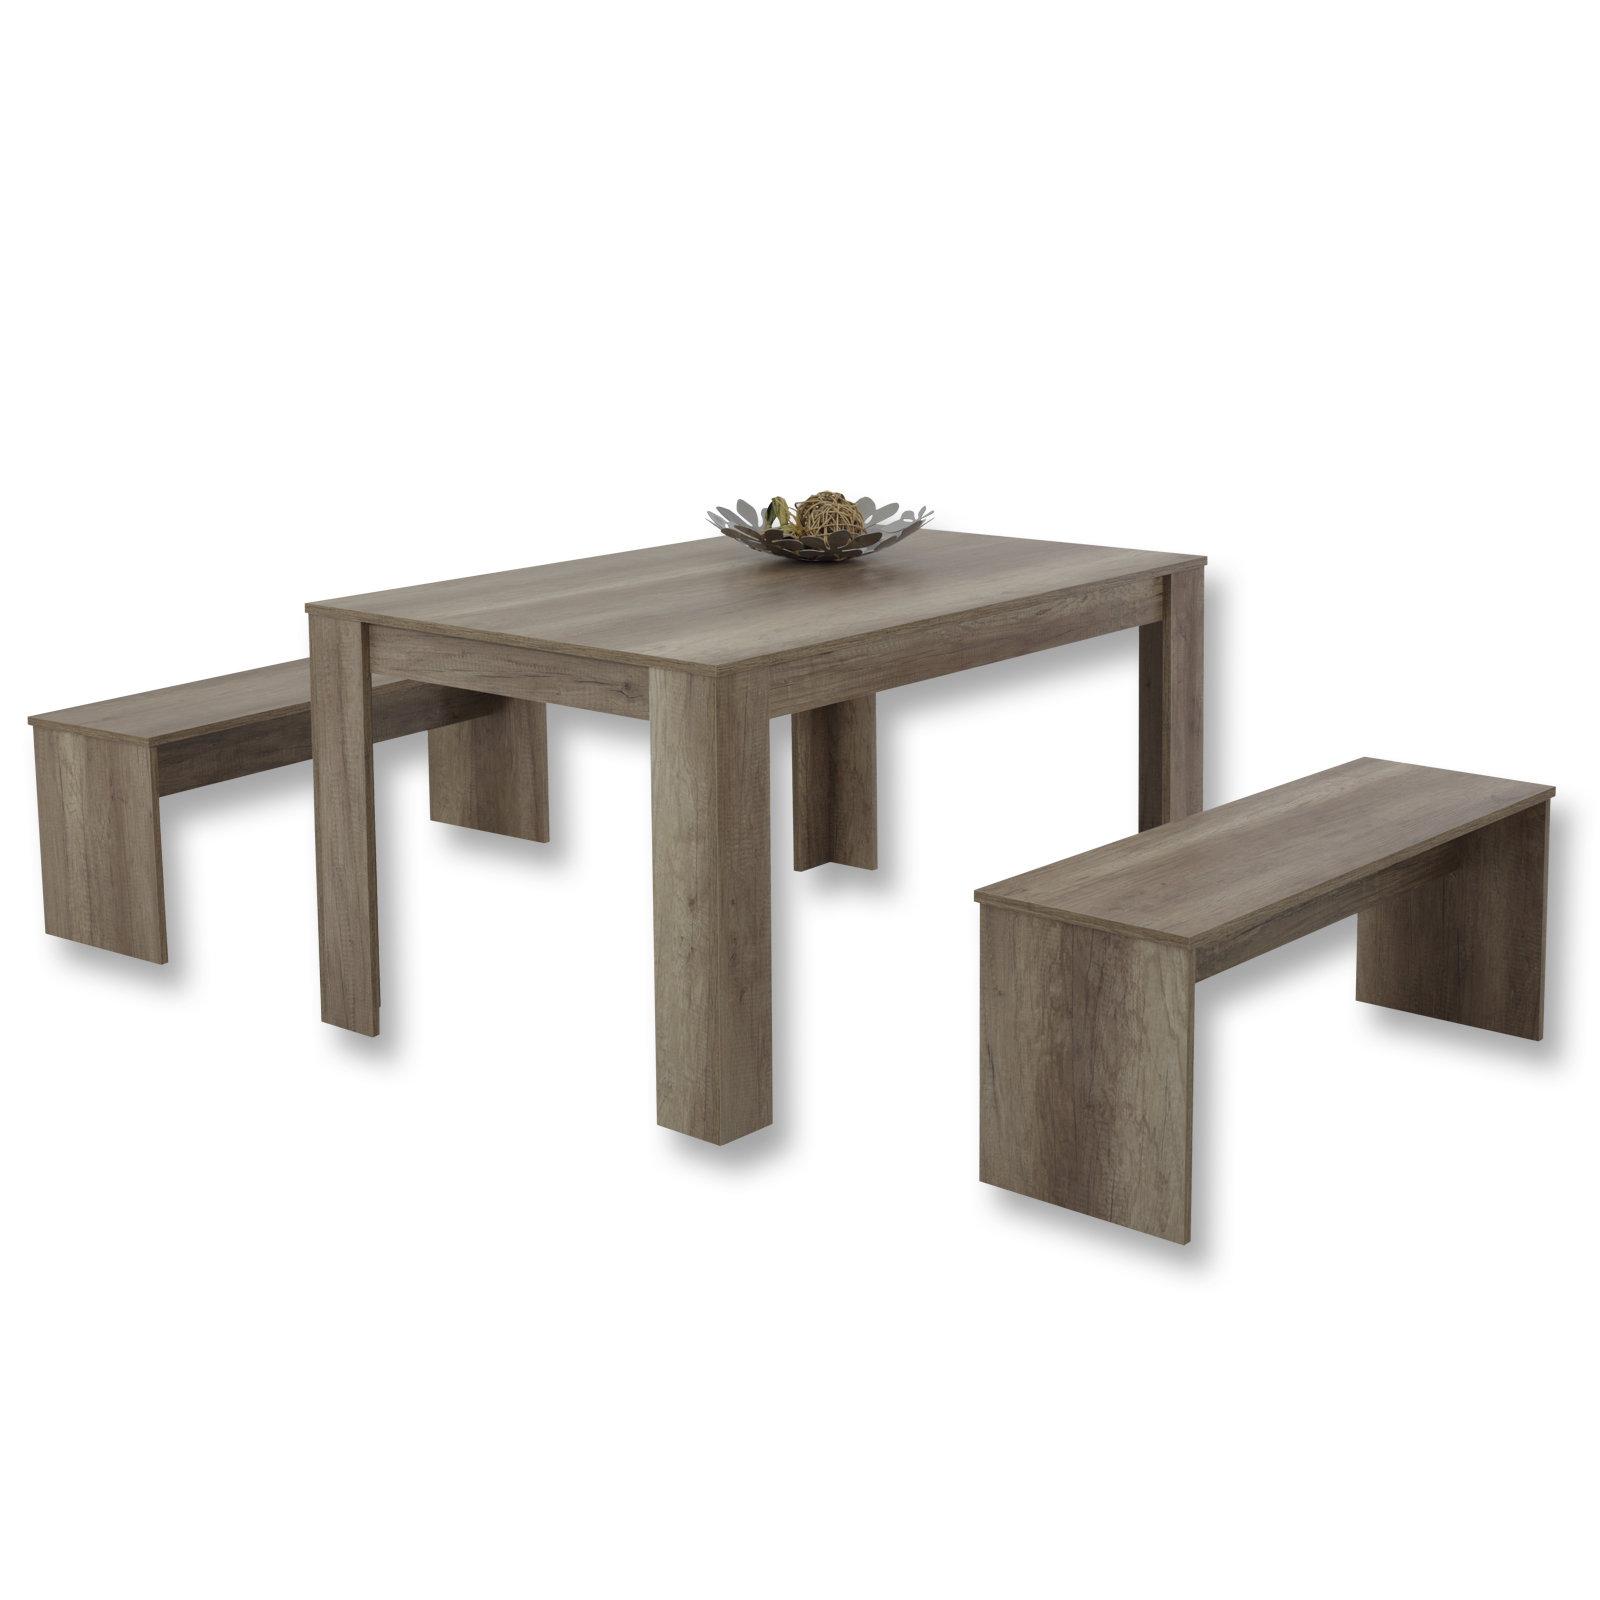 esstisch inkl 2 sitzb nke f r nur 69 99 cherry m bel. Black Bedroom Furniture Sets. Home Design Ideas